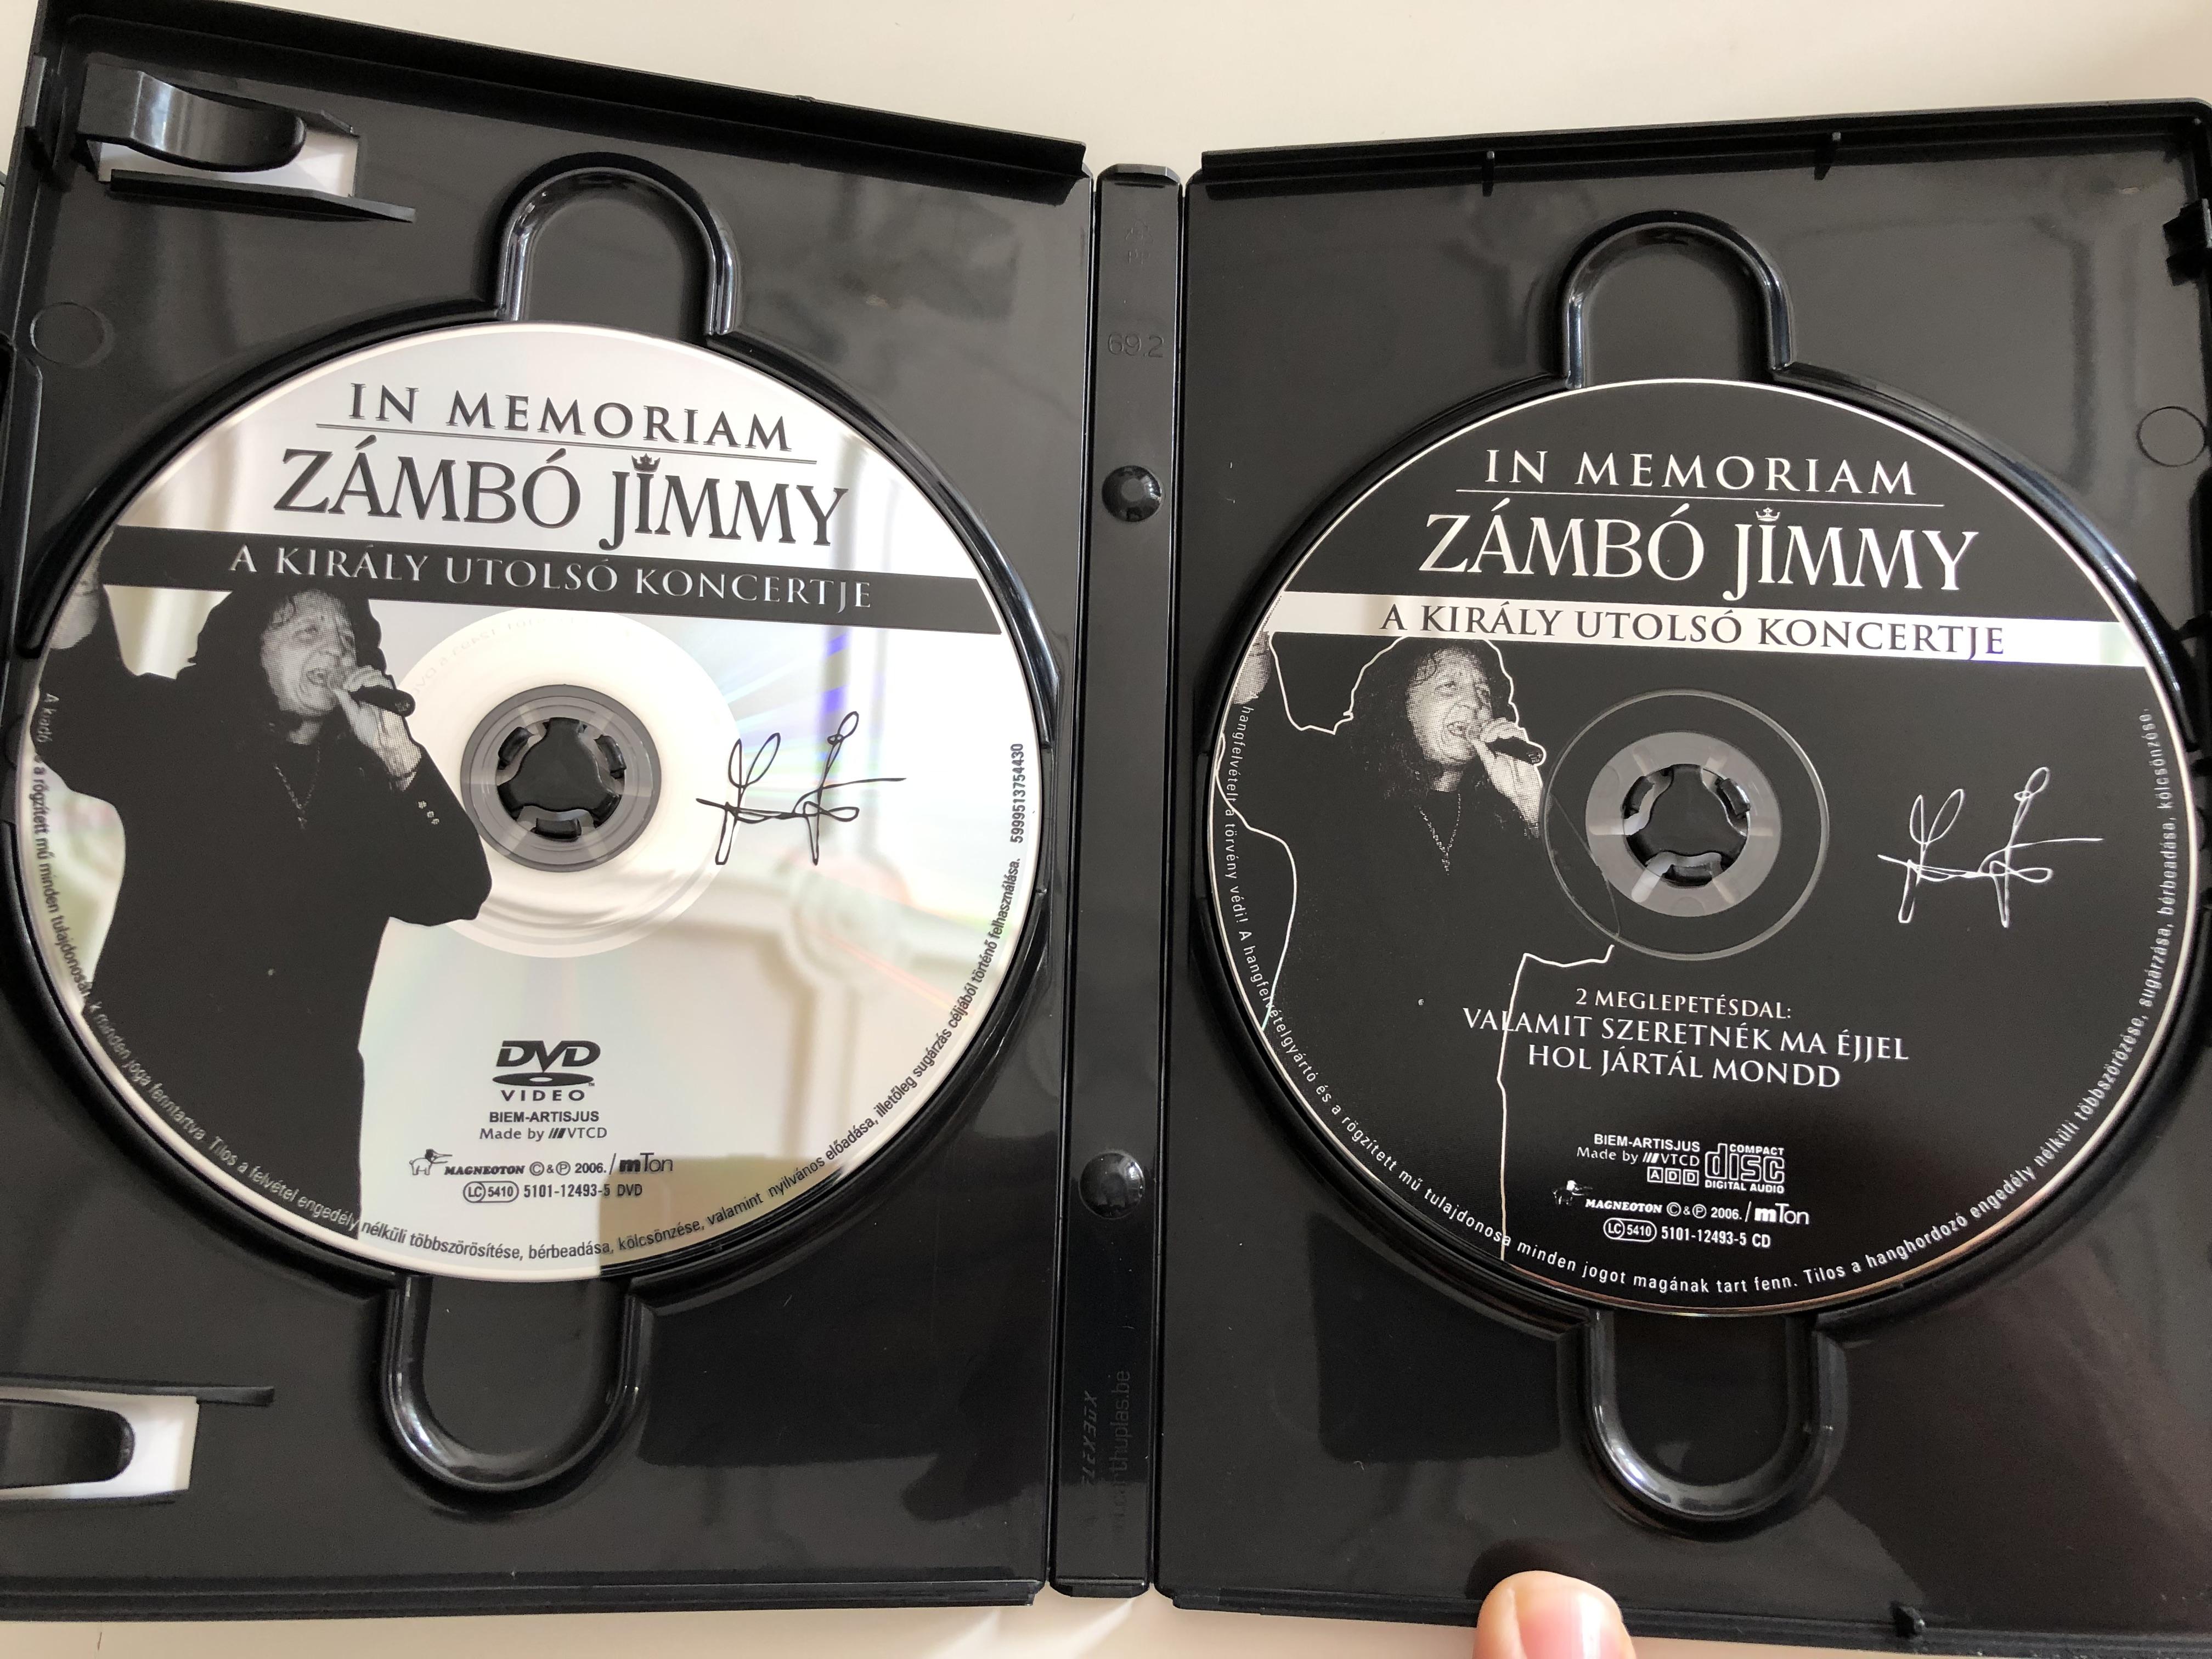 in-memoriam-z-mb-jimmy-dvd-2006-a-kir-ly-utols-koncertje-1999.-nov.-21-budapest-sportcsarnok-bonus-cd-with-2-extras-2-.jpg